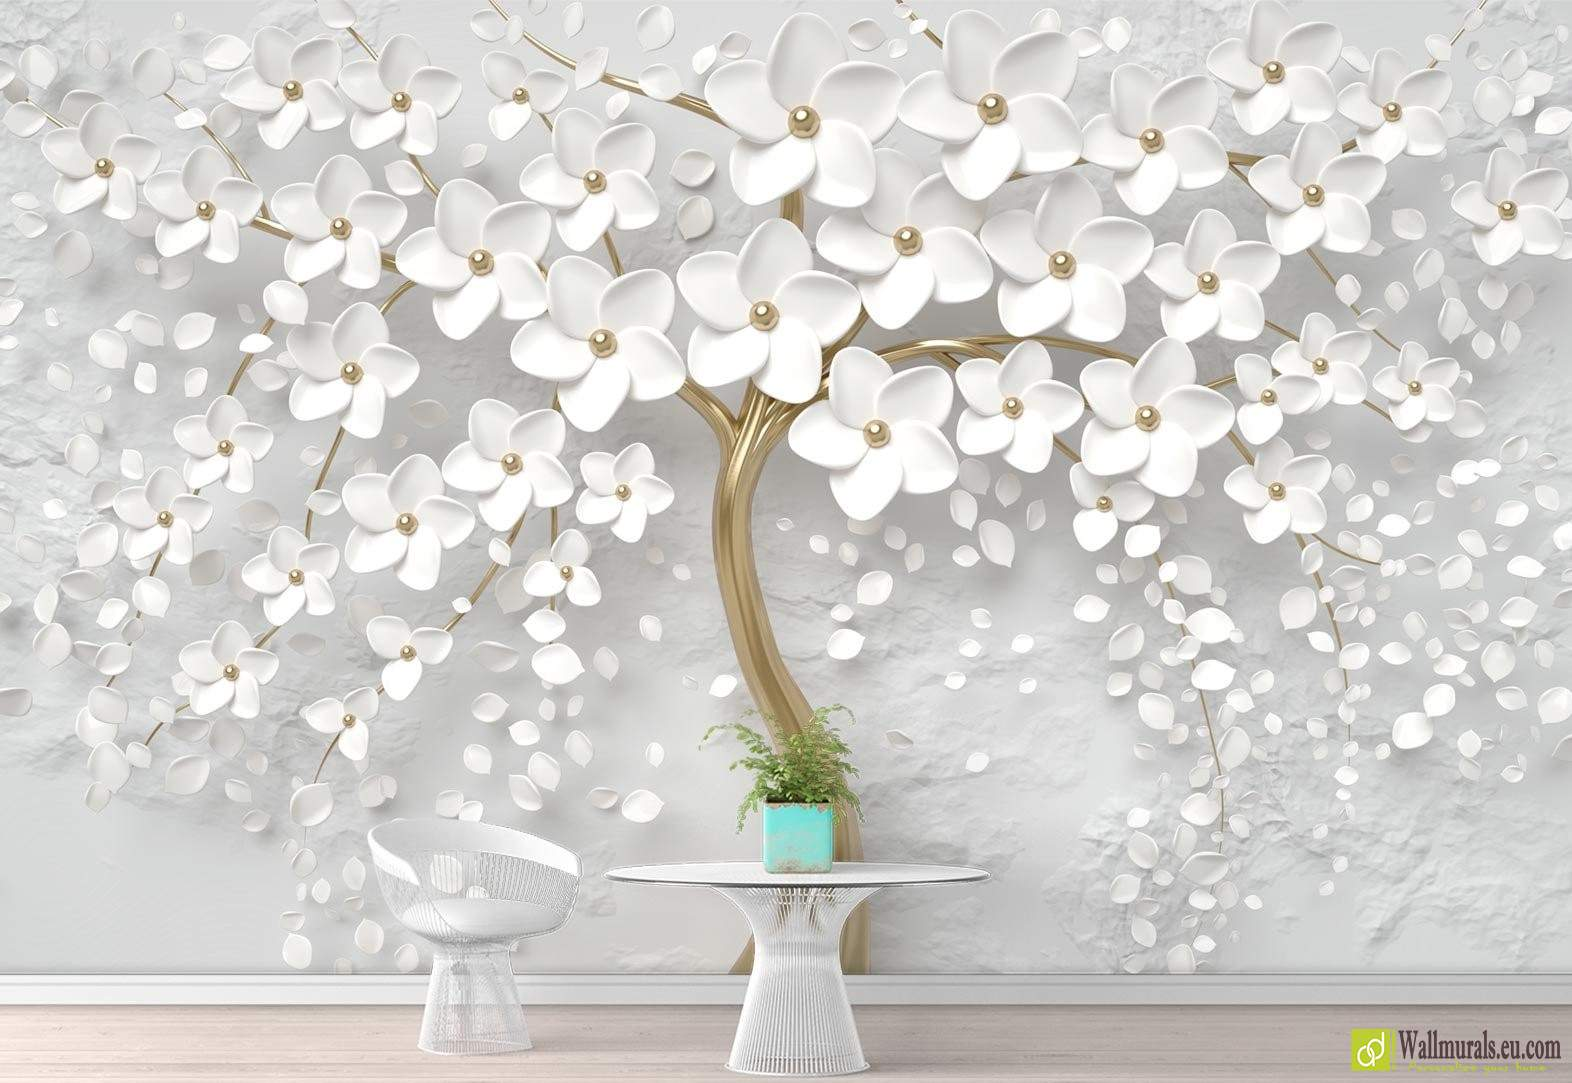 Albero Con Fiori Bianchi albero e fiori bianchi con effetto 3d| wallmurals.eu